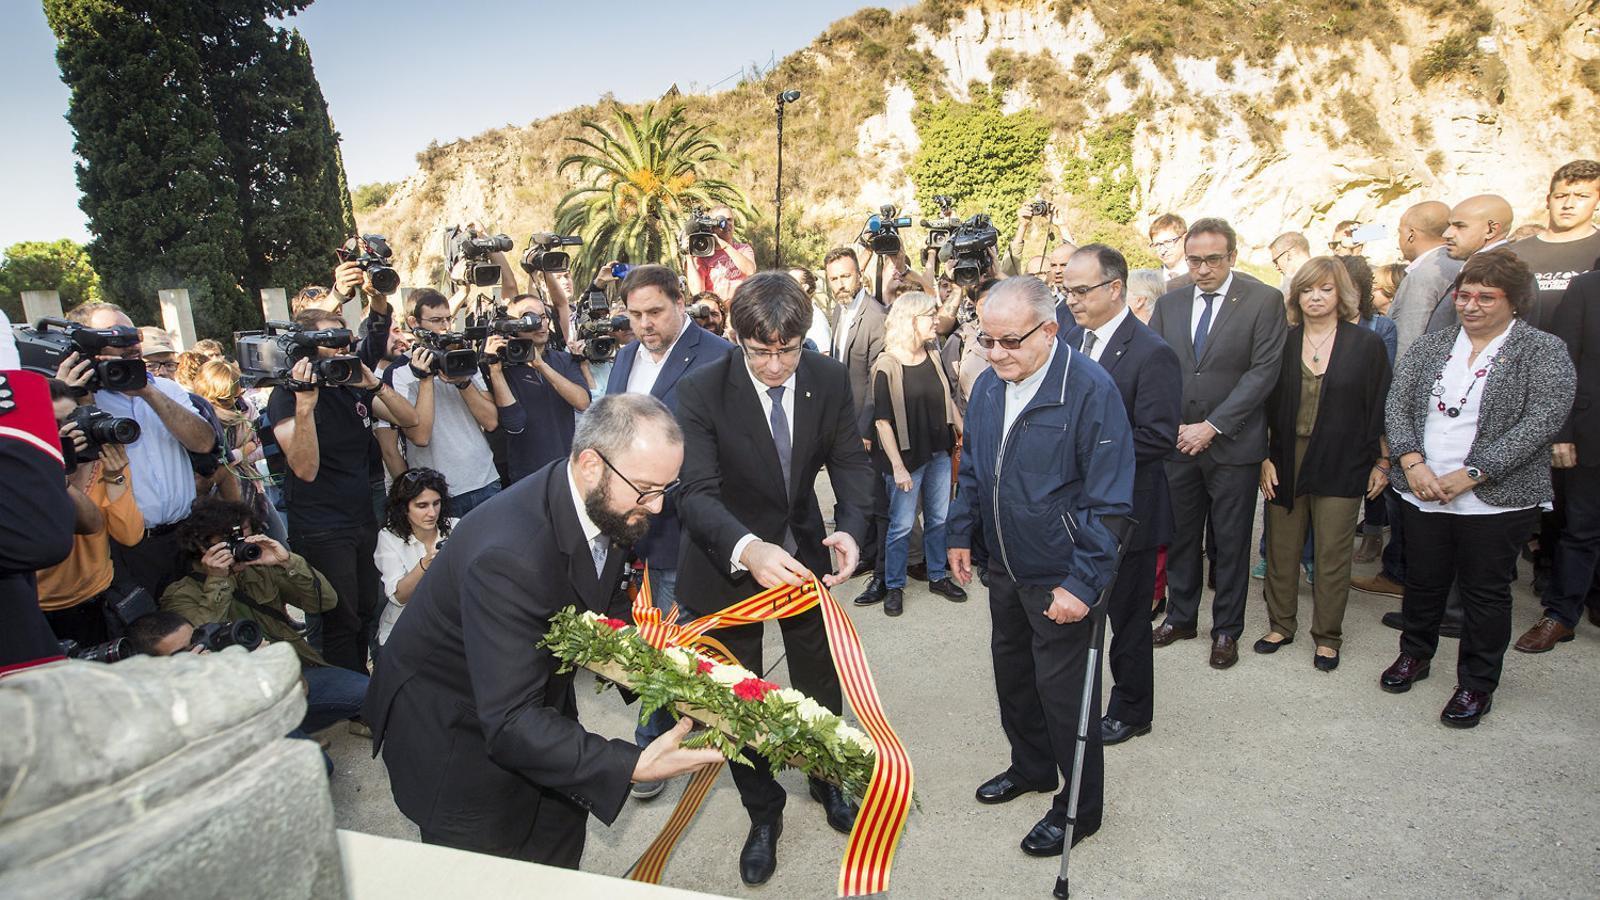 15 d'octubre del 2017: Puigdemont prepara una resposta ambigua sobre la DUI